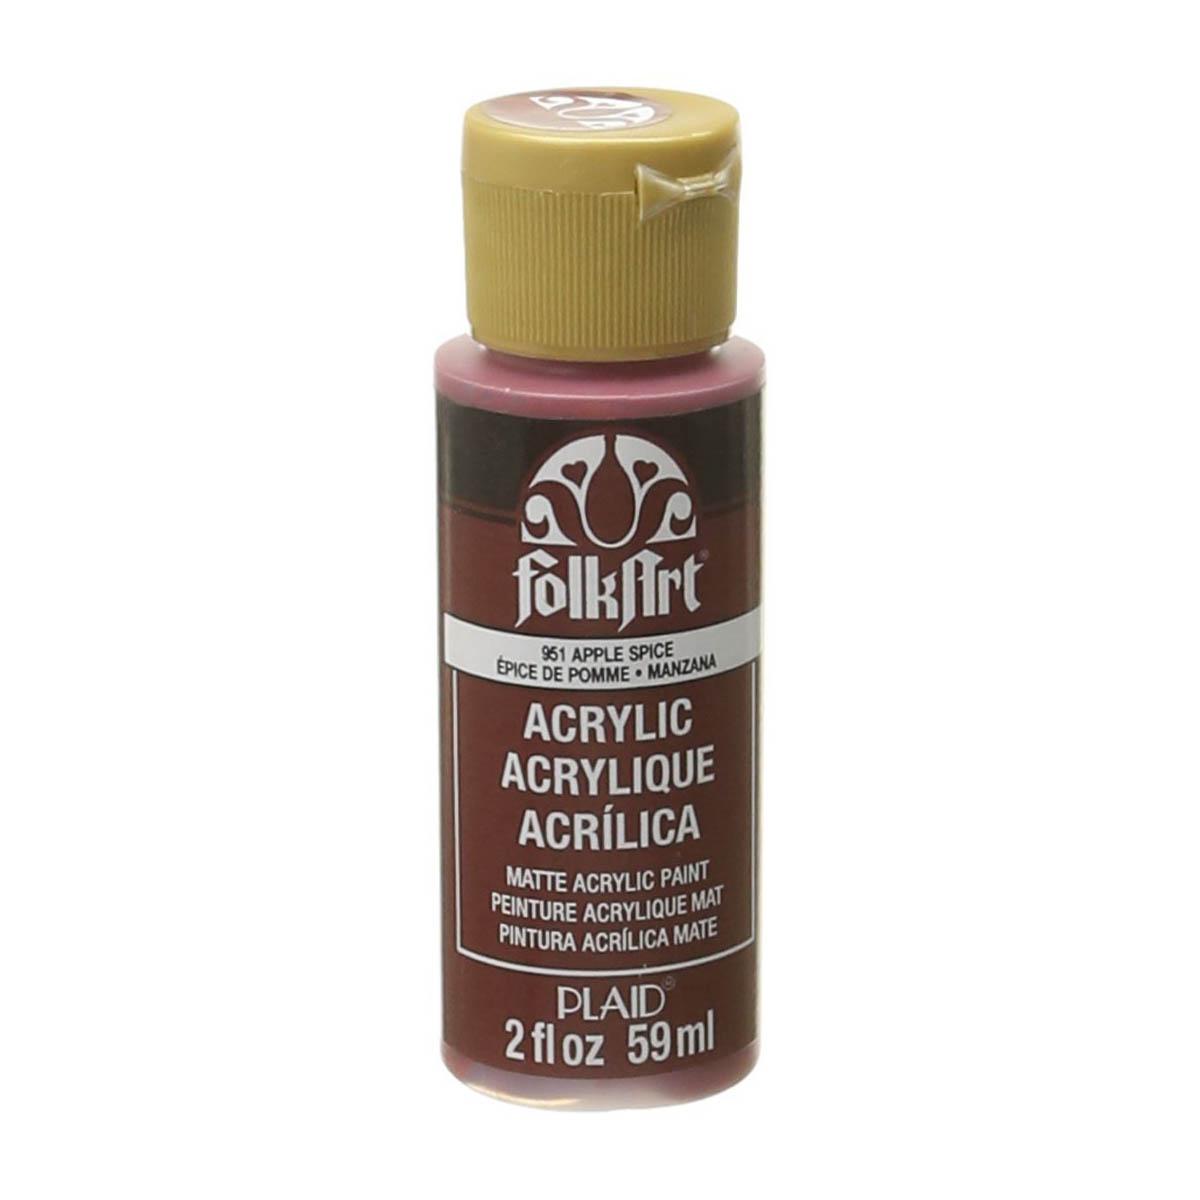 FolkArt ® Acrylic Colors - Apple Spice, 2 oz. - 951